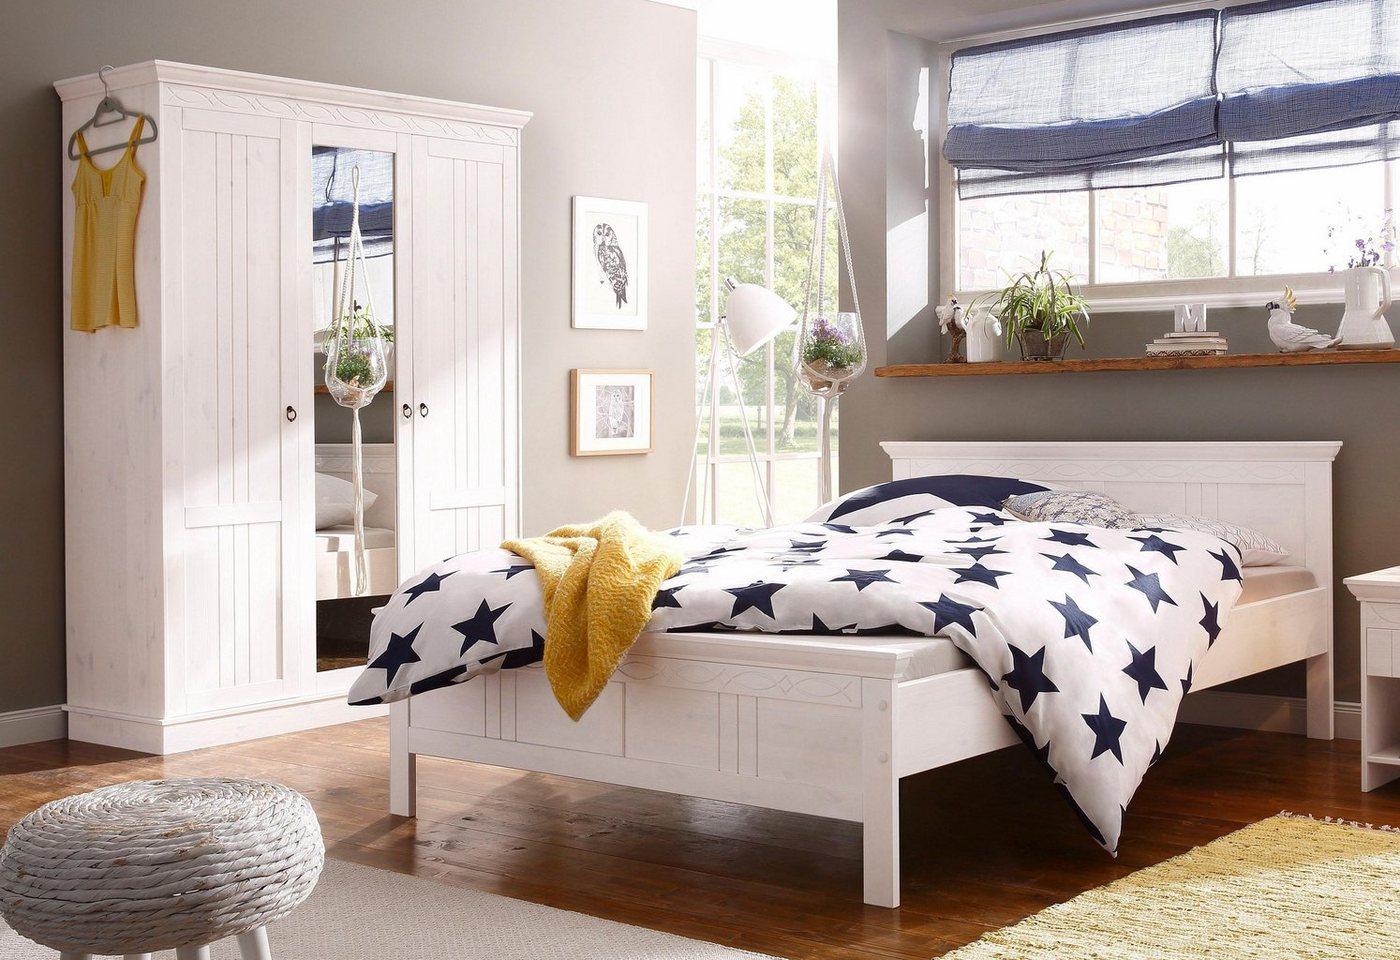 HOME AFFAIRE slaapkamerserie (2-dlg.) Indra met decoratief freeswerk